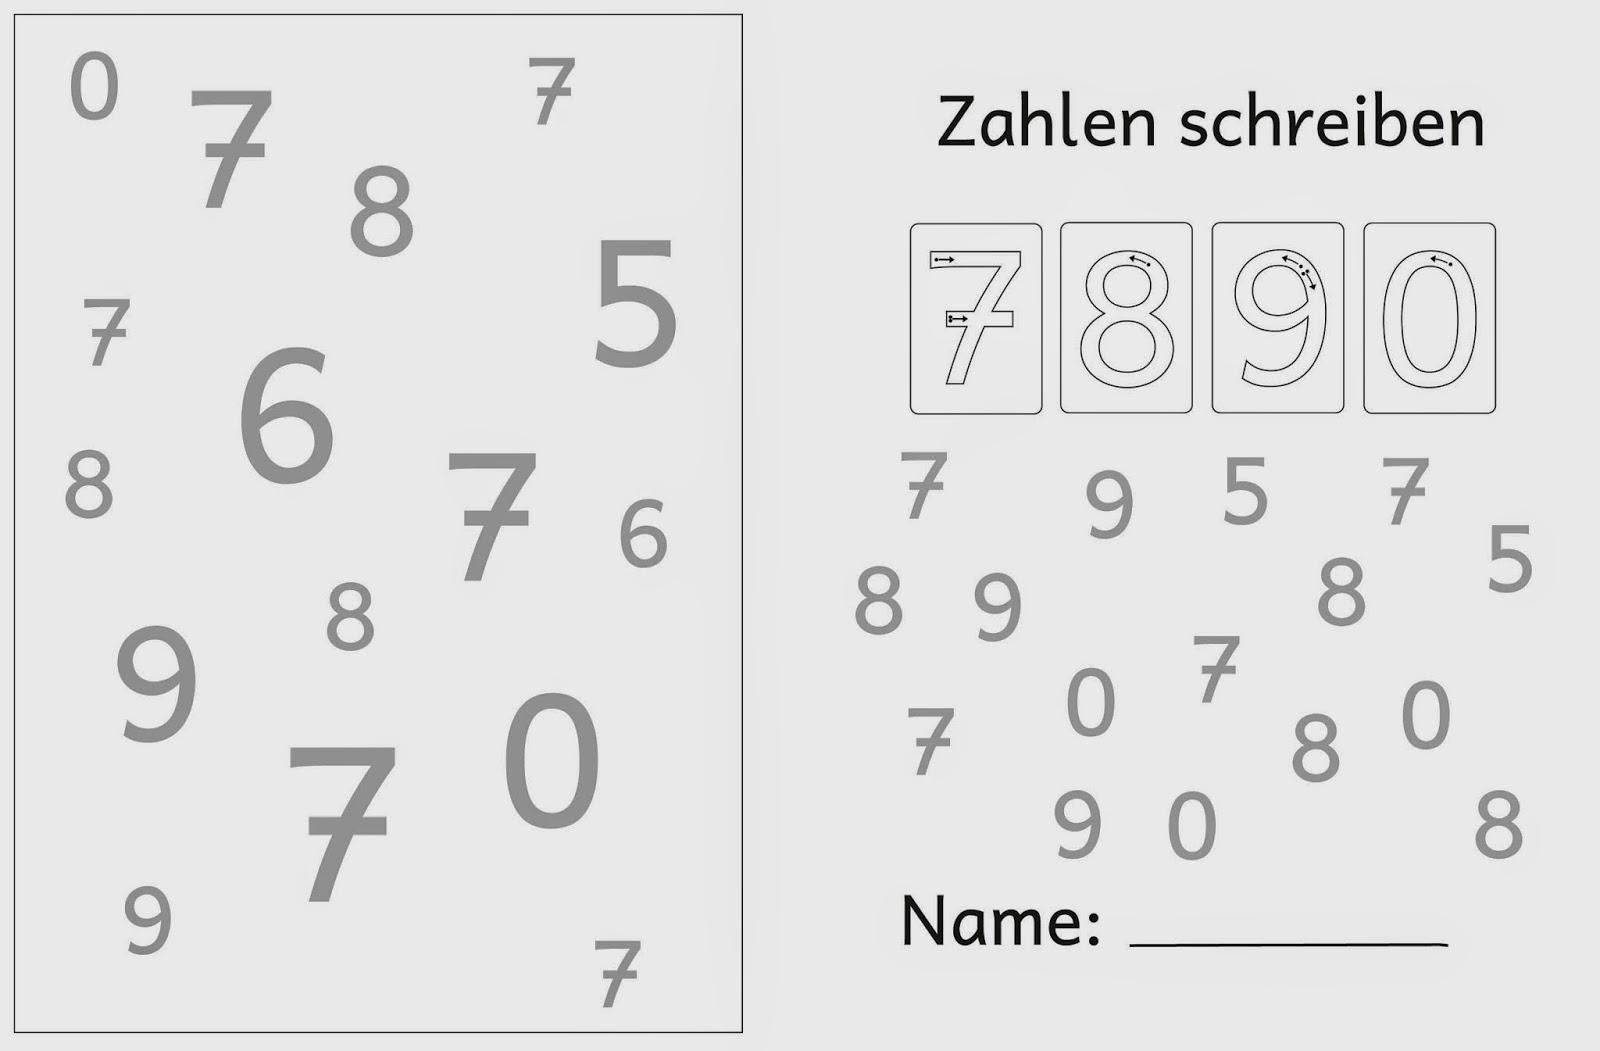 Lernstu00fcbchen: Ziffernschreibkurs 7 8 9 0 grou00dfe Zahlen (3)